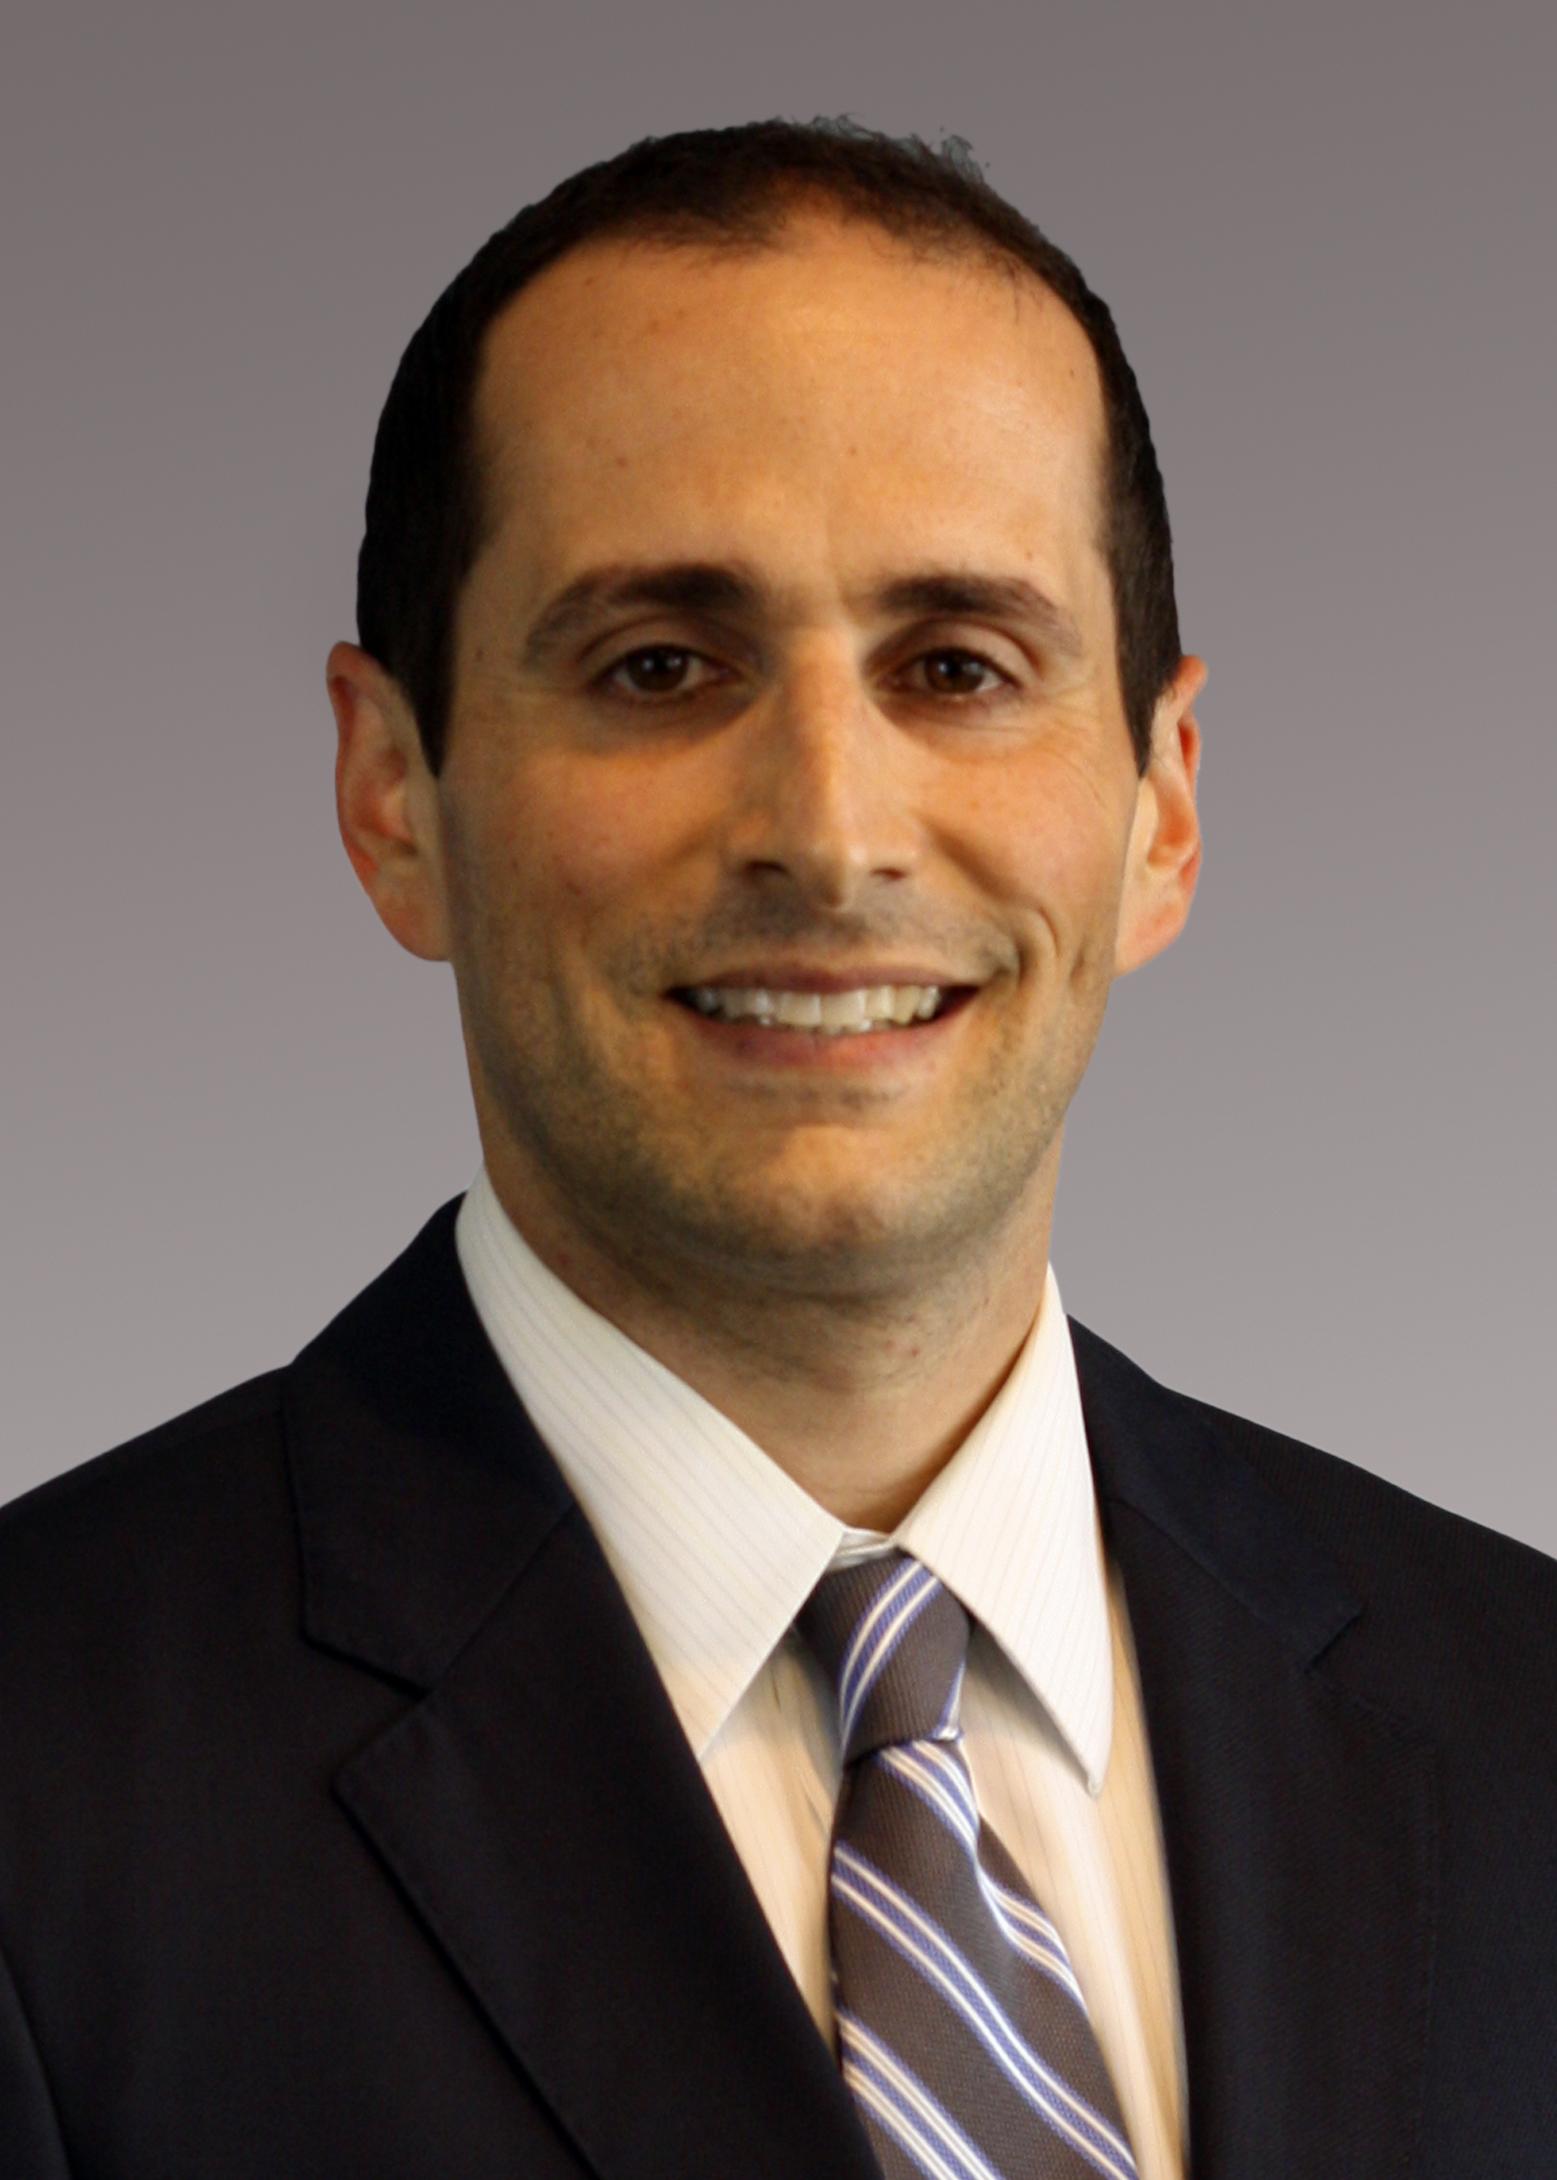 Brad Weiner